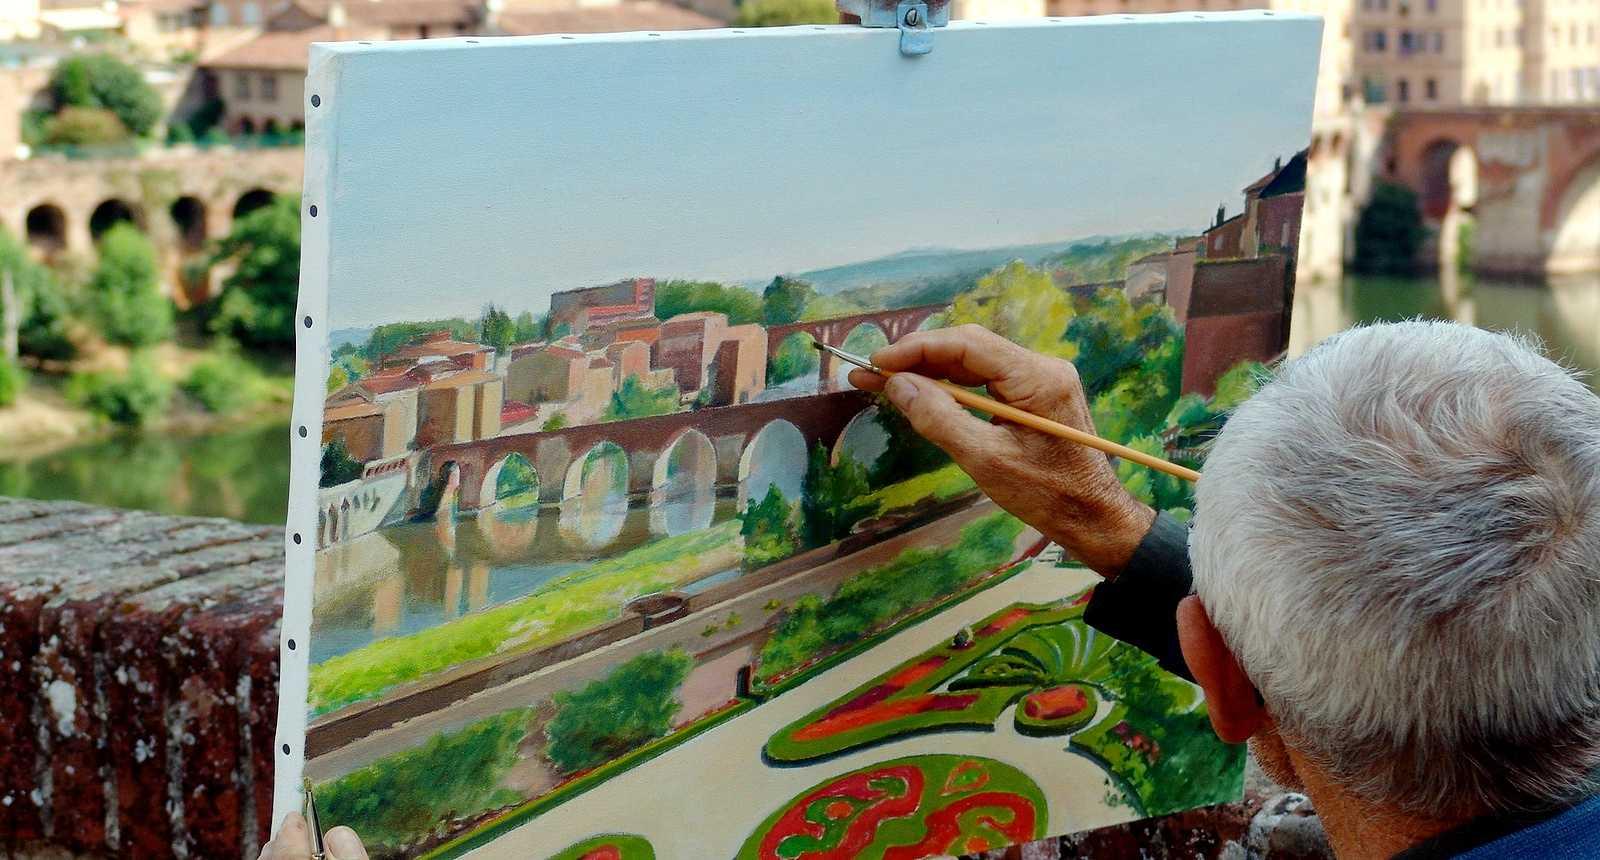 Peinture représentant les ponts d'Albi